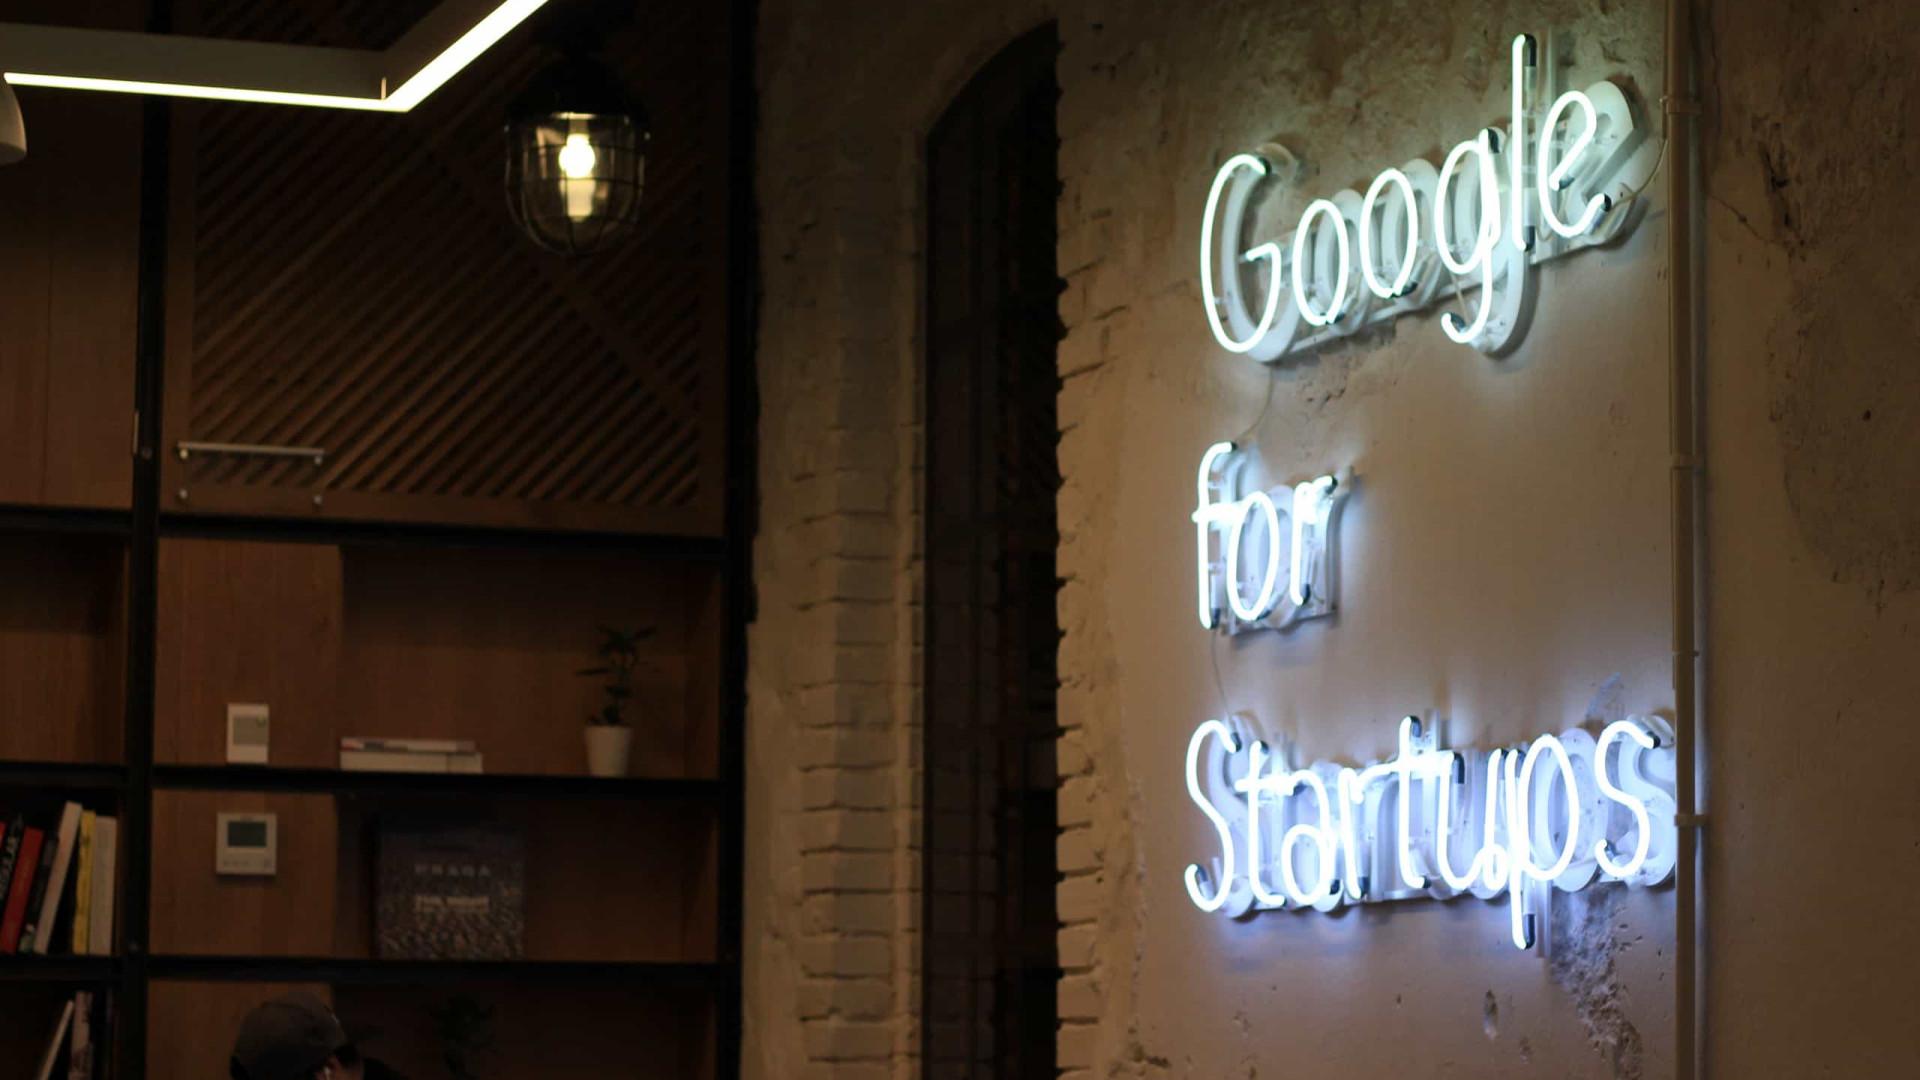 Startups de mobilidade e design estão em nova turma de aceleração do Google